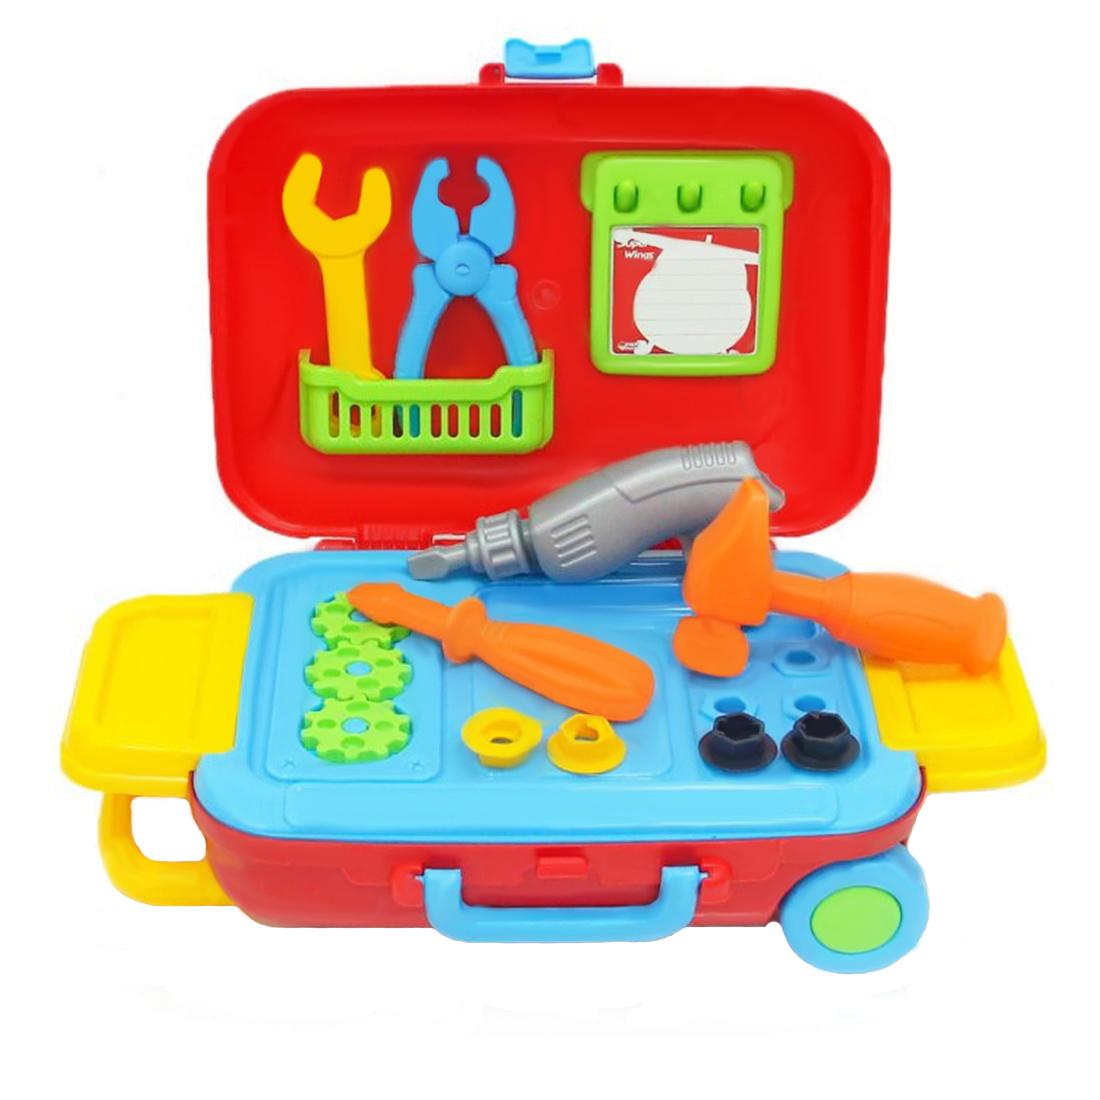 ابزار کودک دد طرح پلینز کد 03559